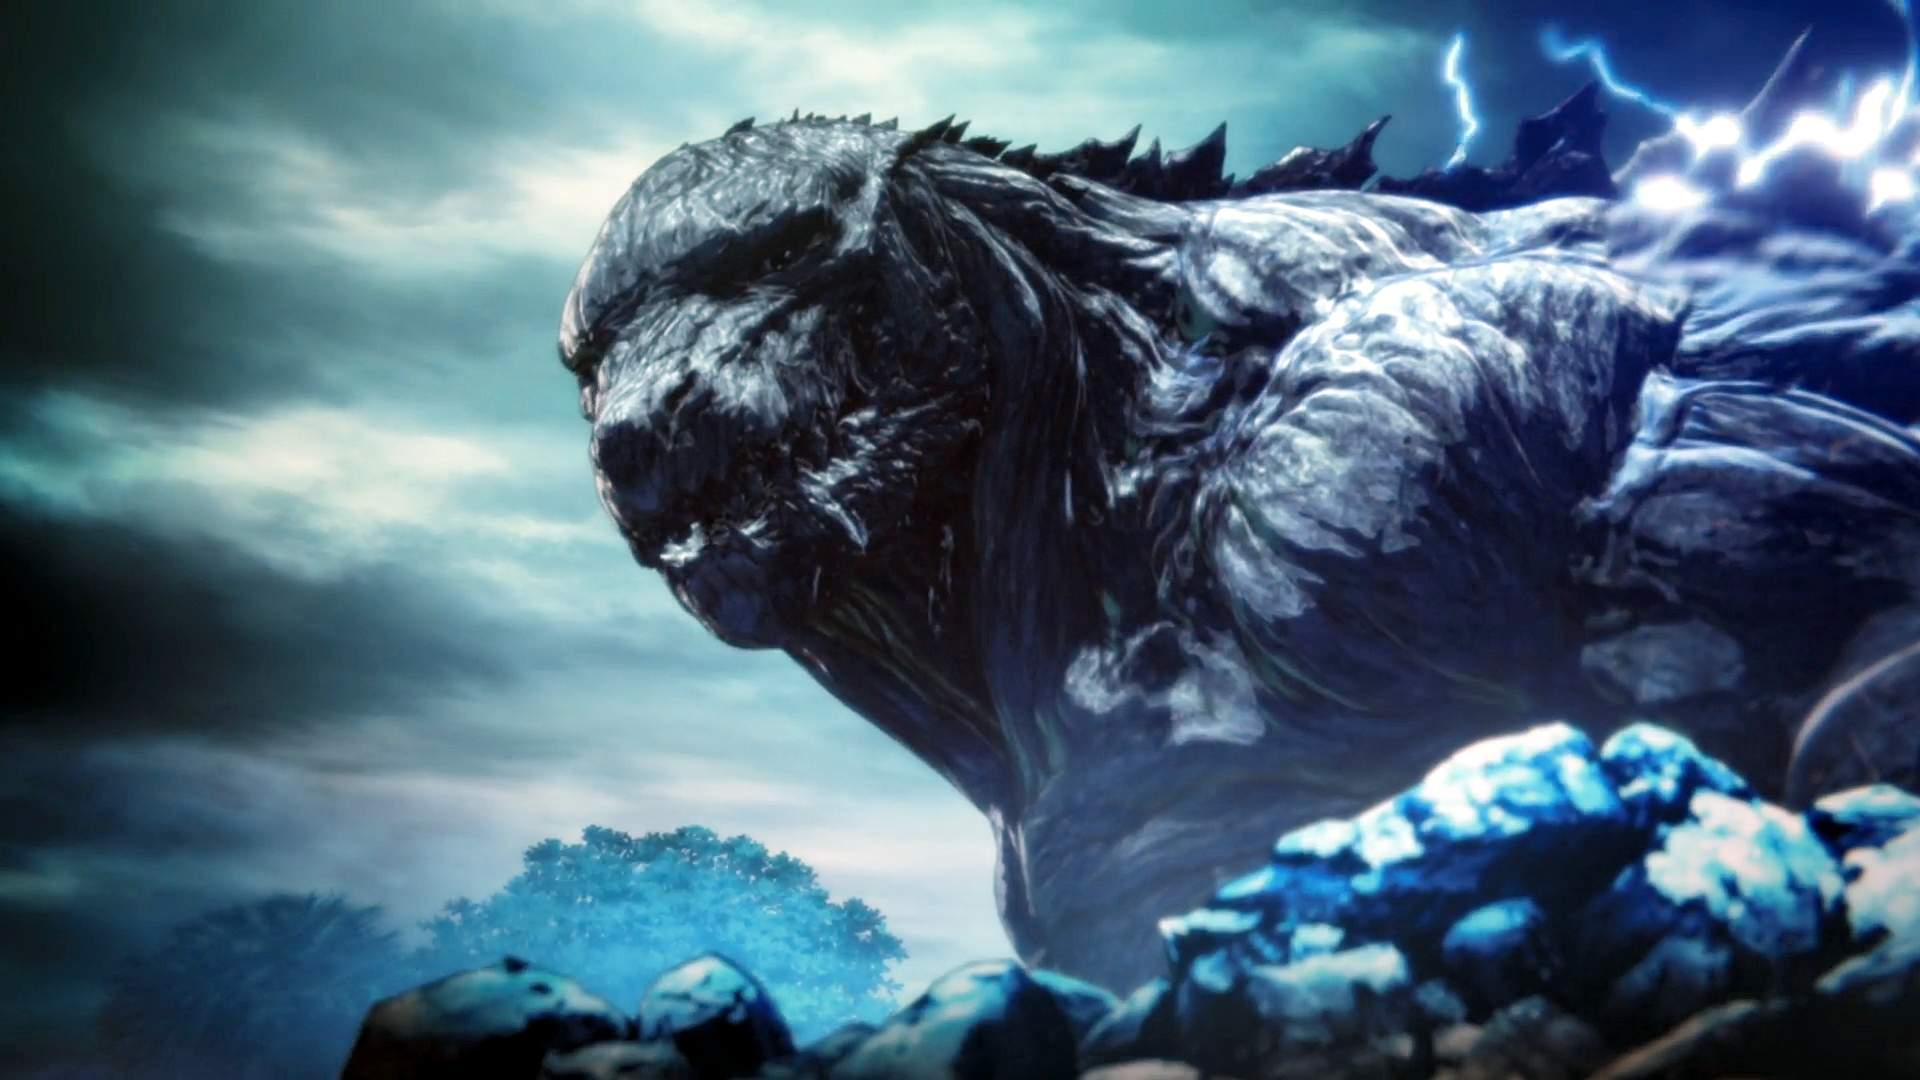 Godzilla-Movie32-SS6-O Godzilla Movie 32 Review